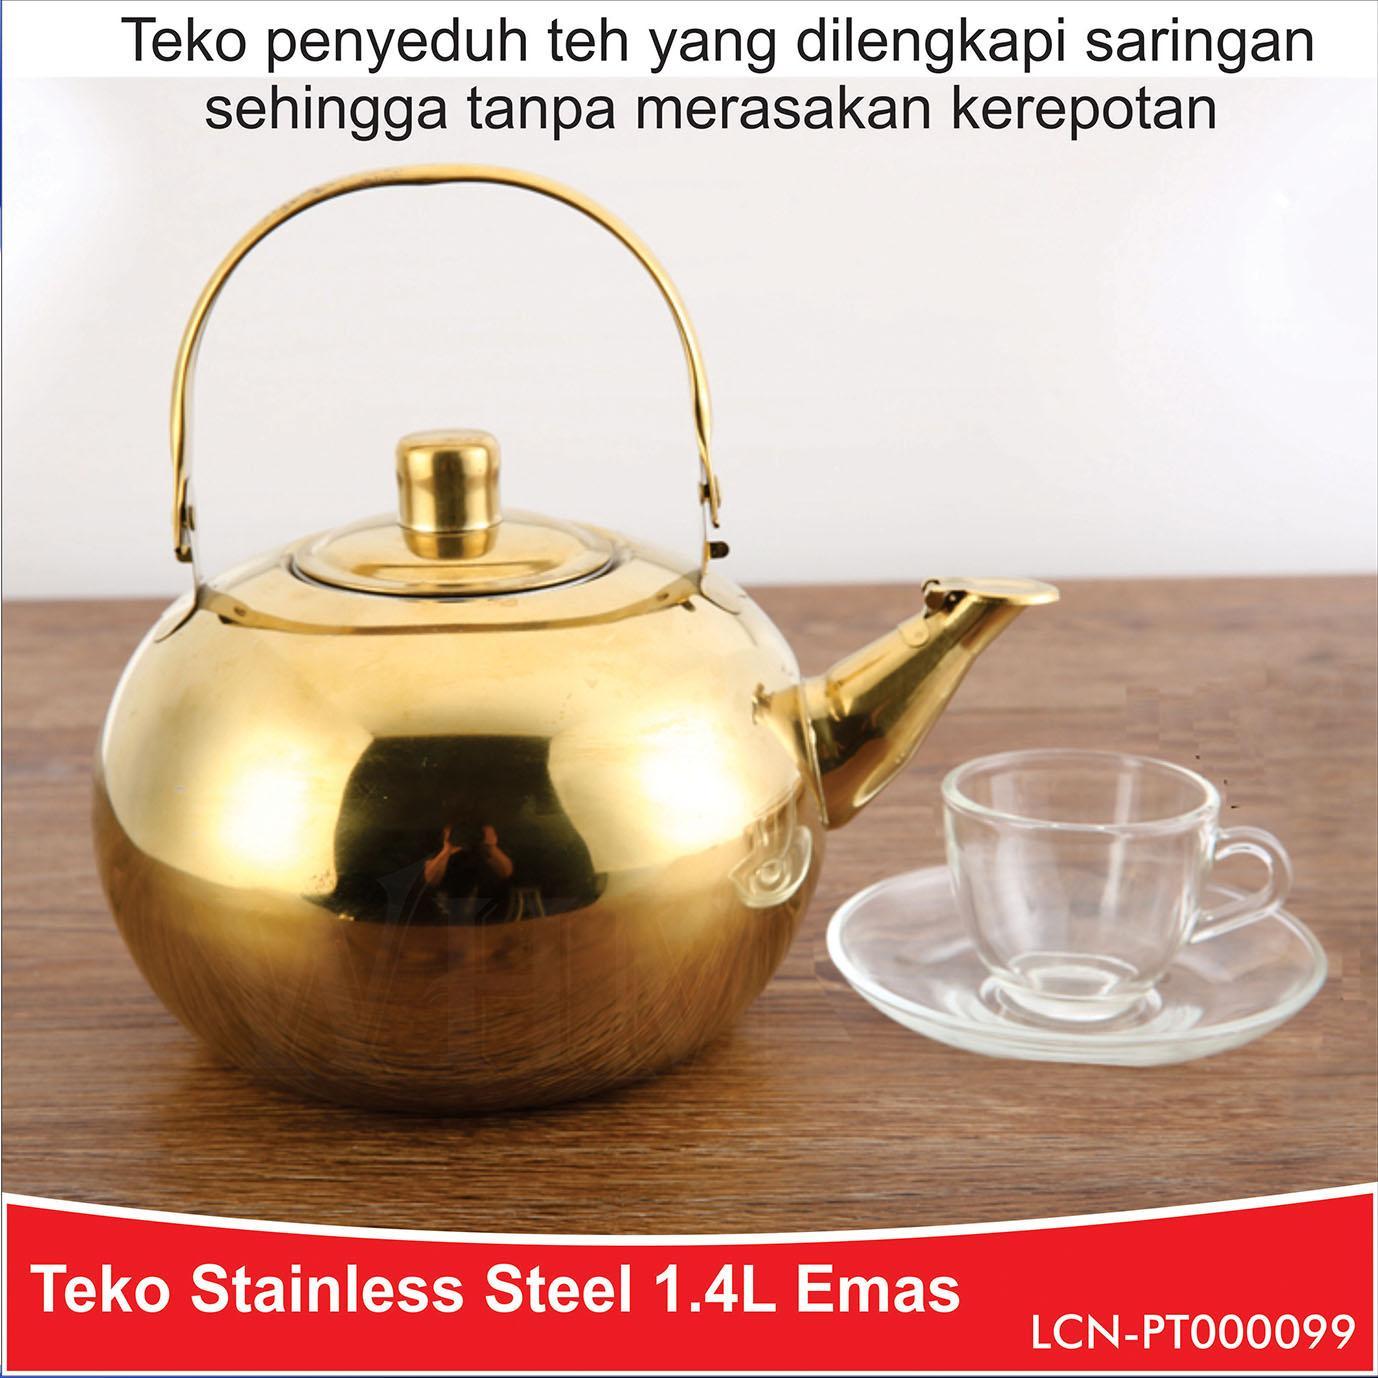 WHM Kettle - Teko Stainless 1.4 L Gold (LCN-PT000099)